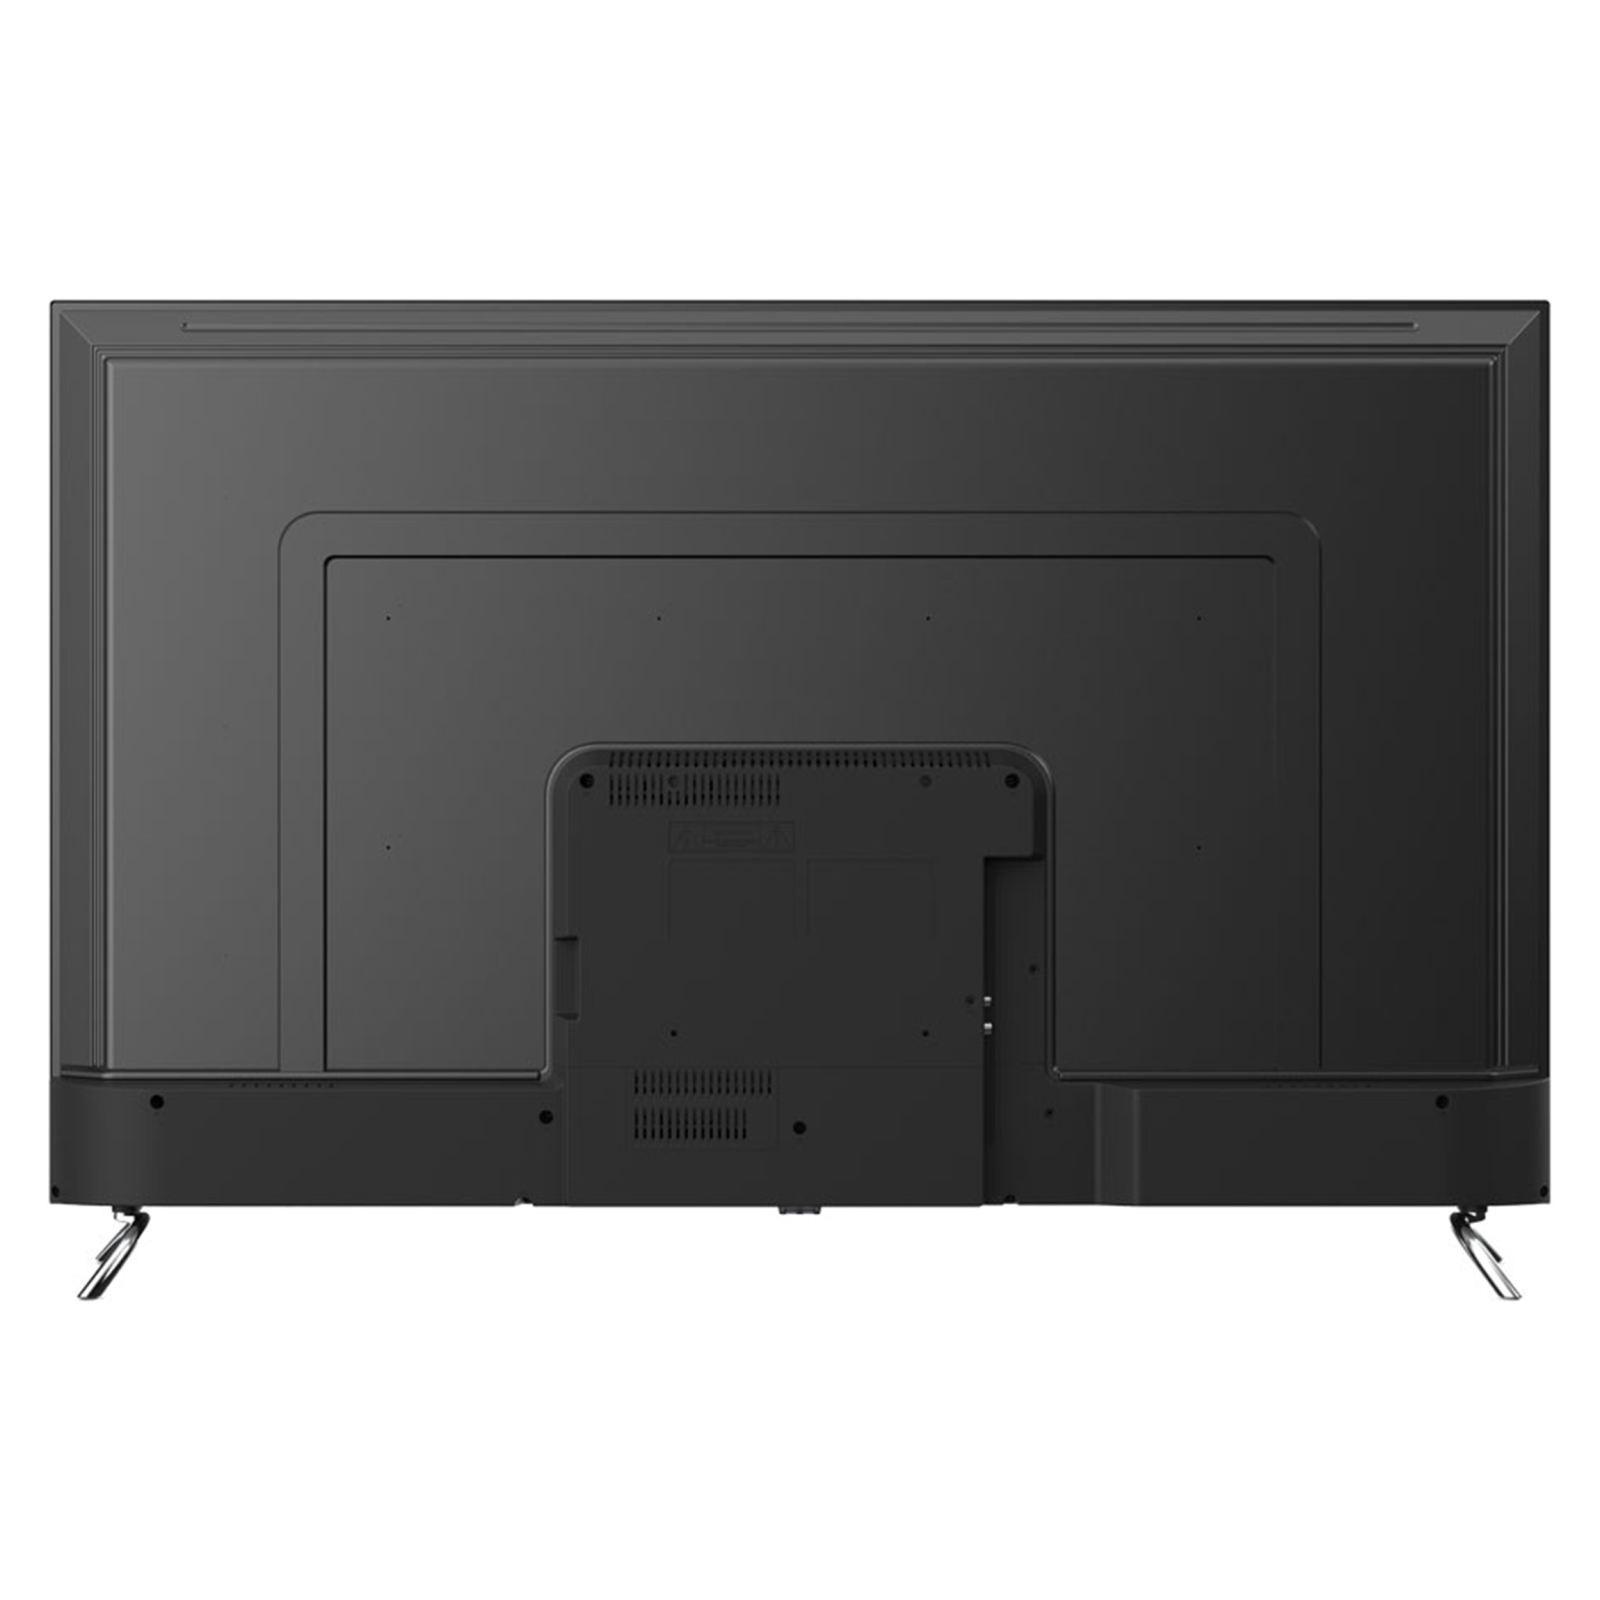 تلویزیون 4K هوشمند جی پلاس مدل GTV-55KU722S سایز 55 اینچ